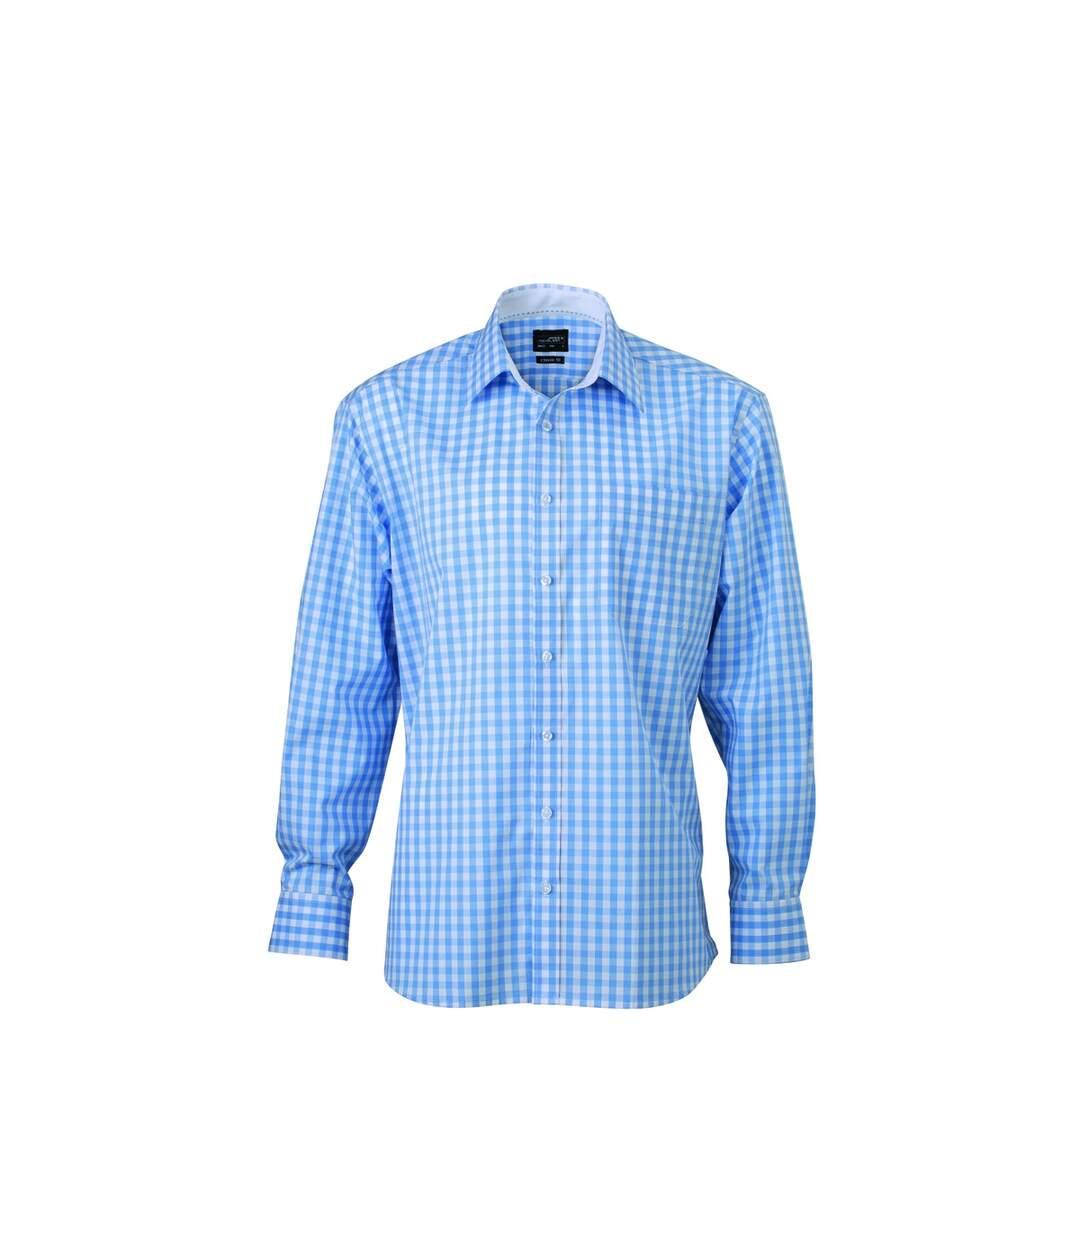 chemise manches longues carreaux vichy HOMME JN617 - bleu glacier